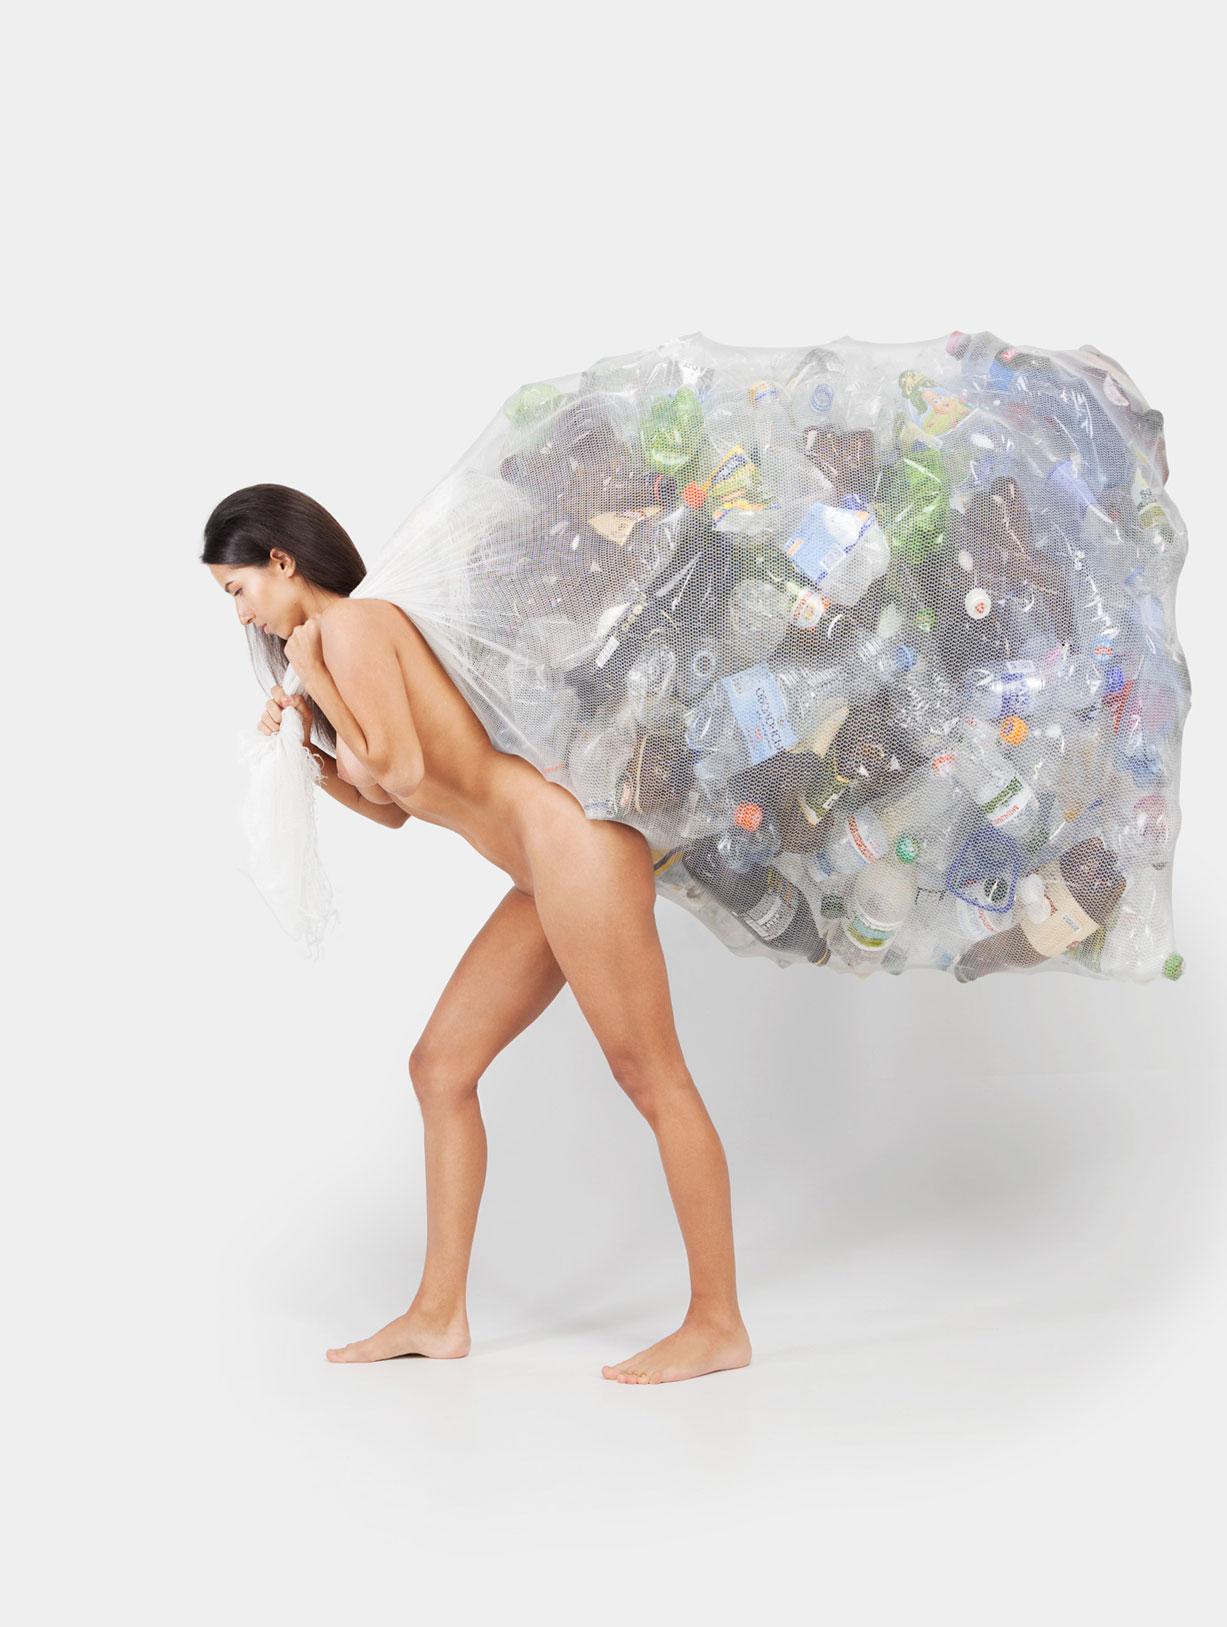 Сортировка мусора / социальная реклама с голыми девушками / Bird in Flight